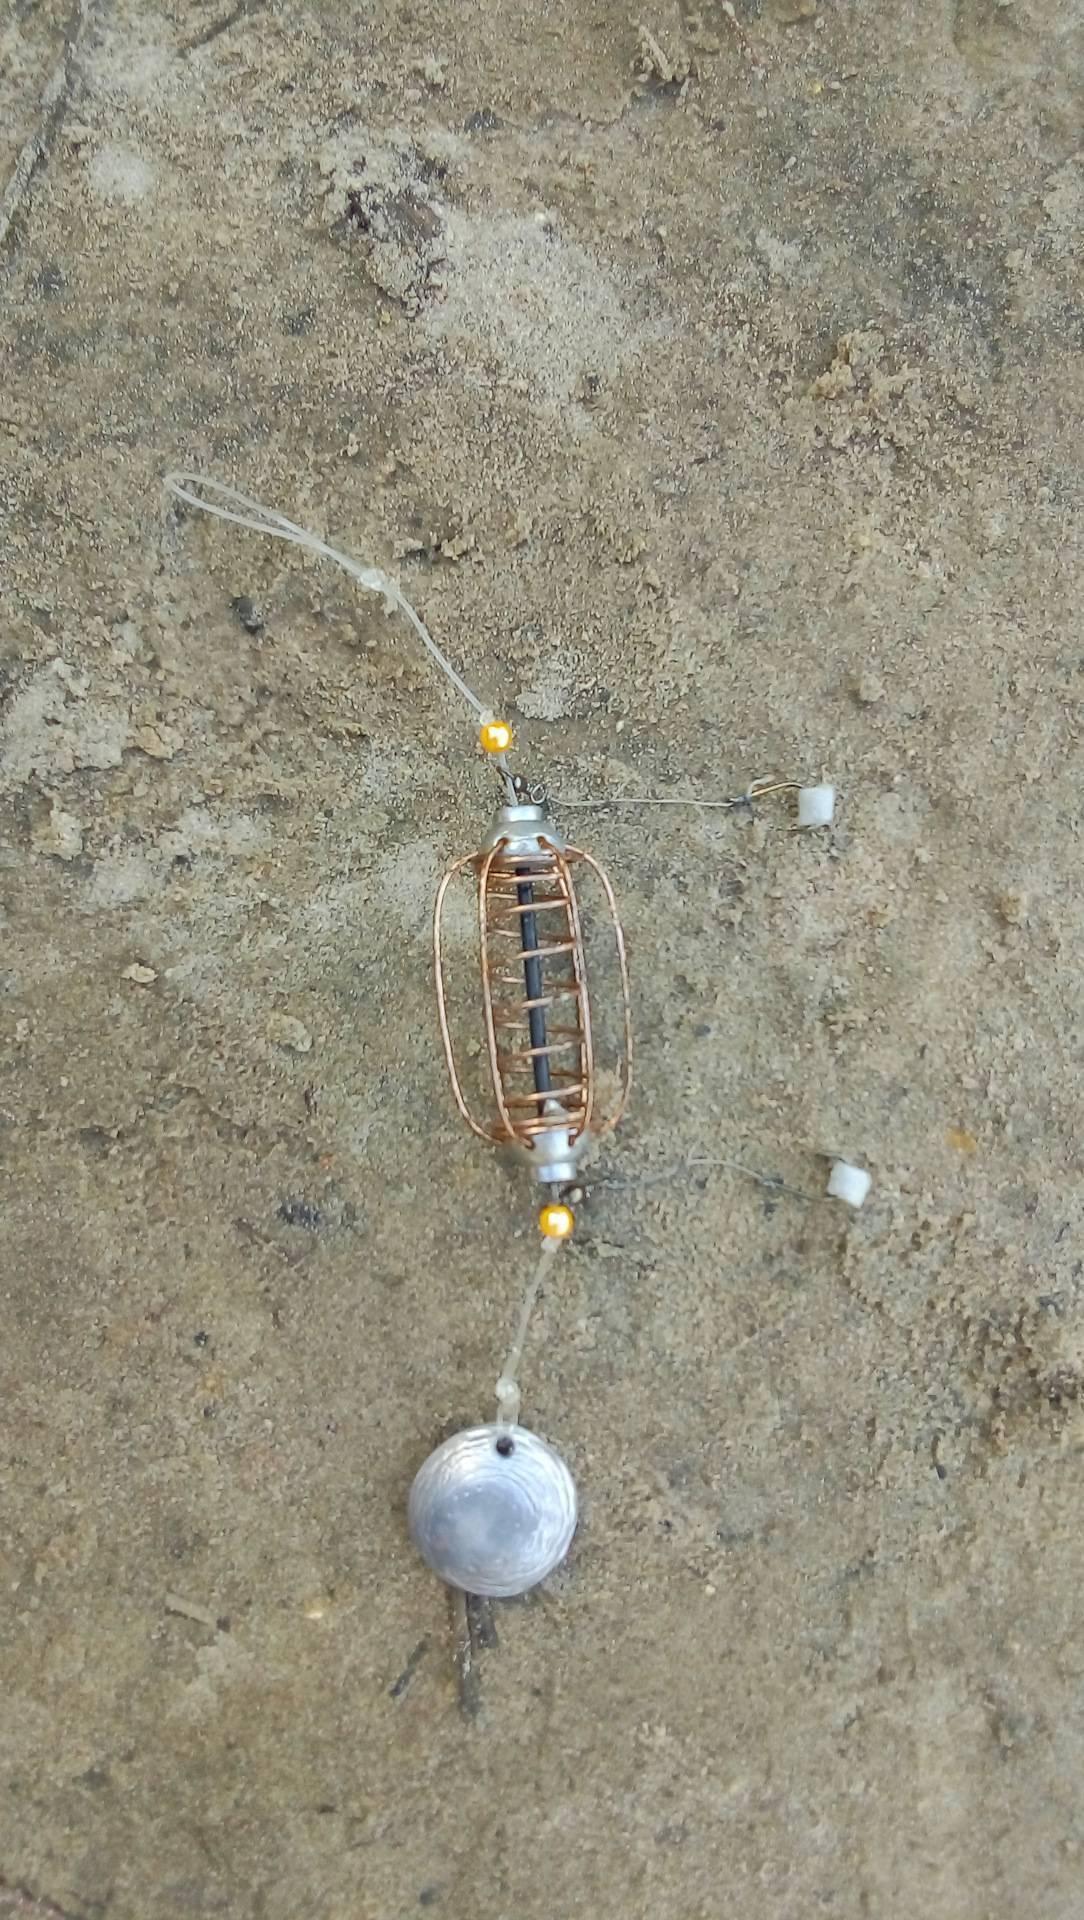 Ловля на пенопласт: особенности рыбалки, оснастка, секреты и советы